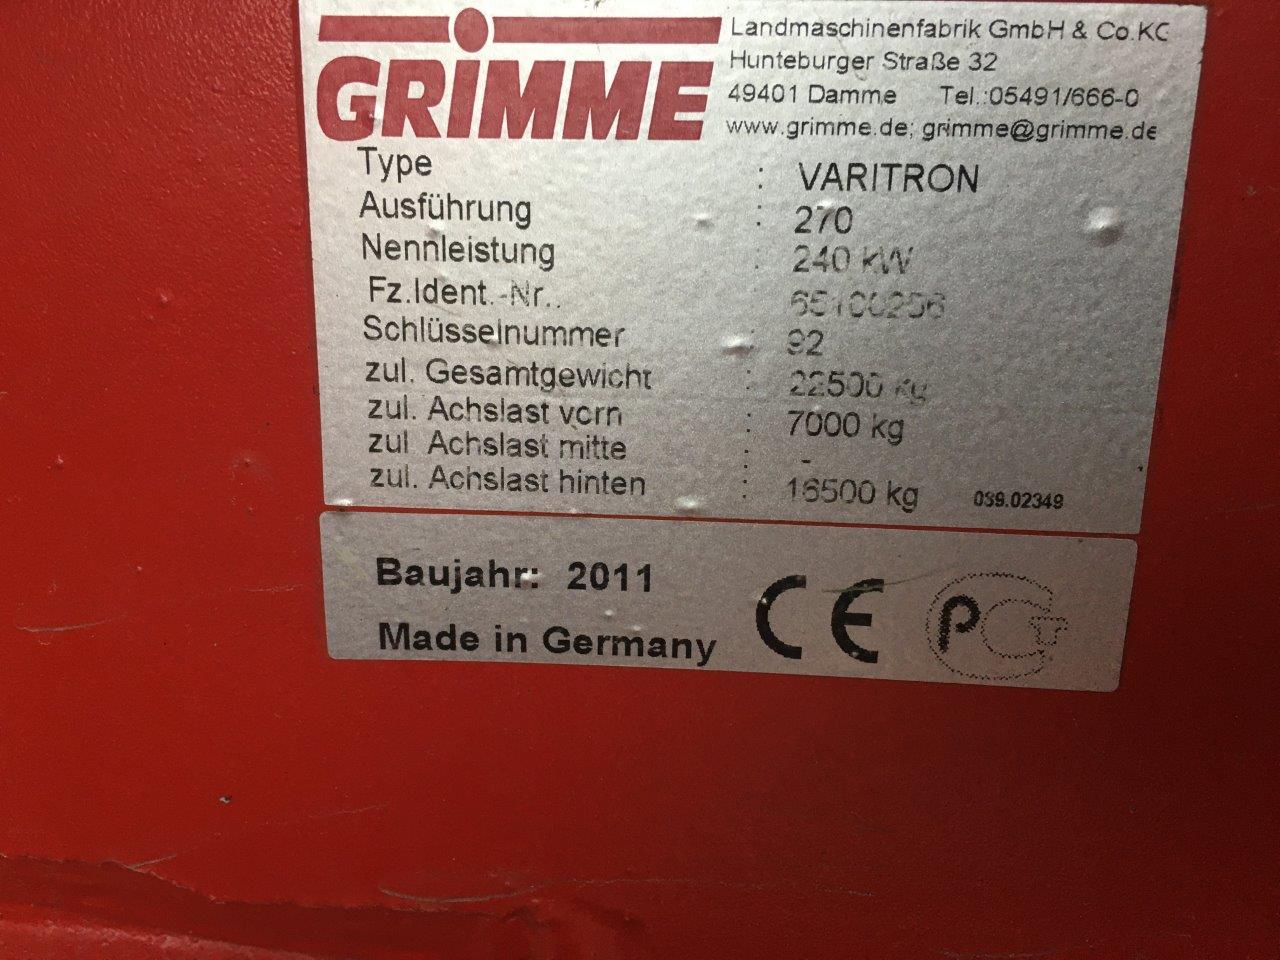 Grimme Varitron 2011 typeplaatje